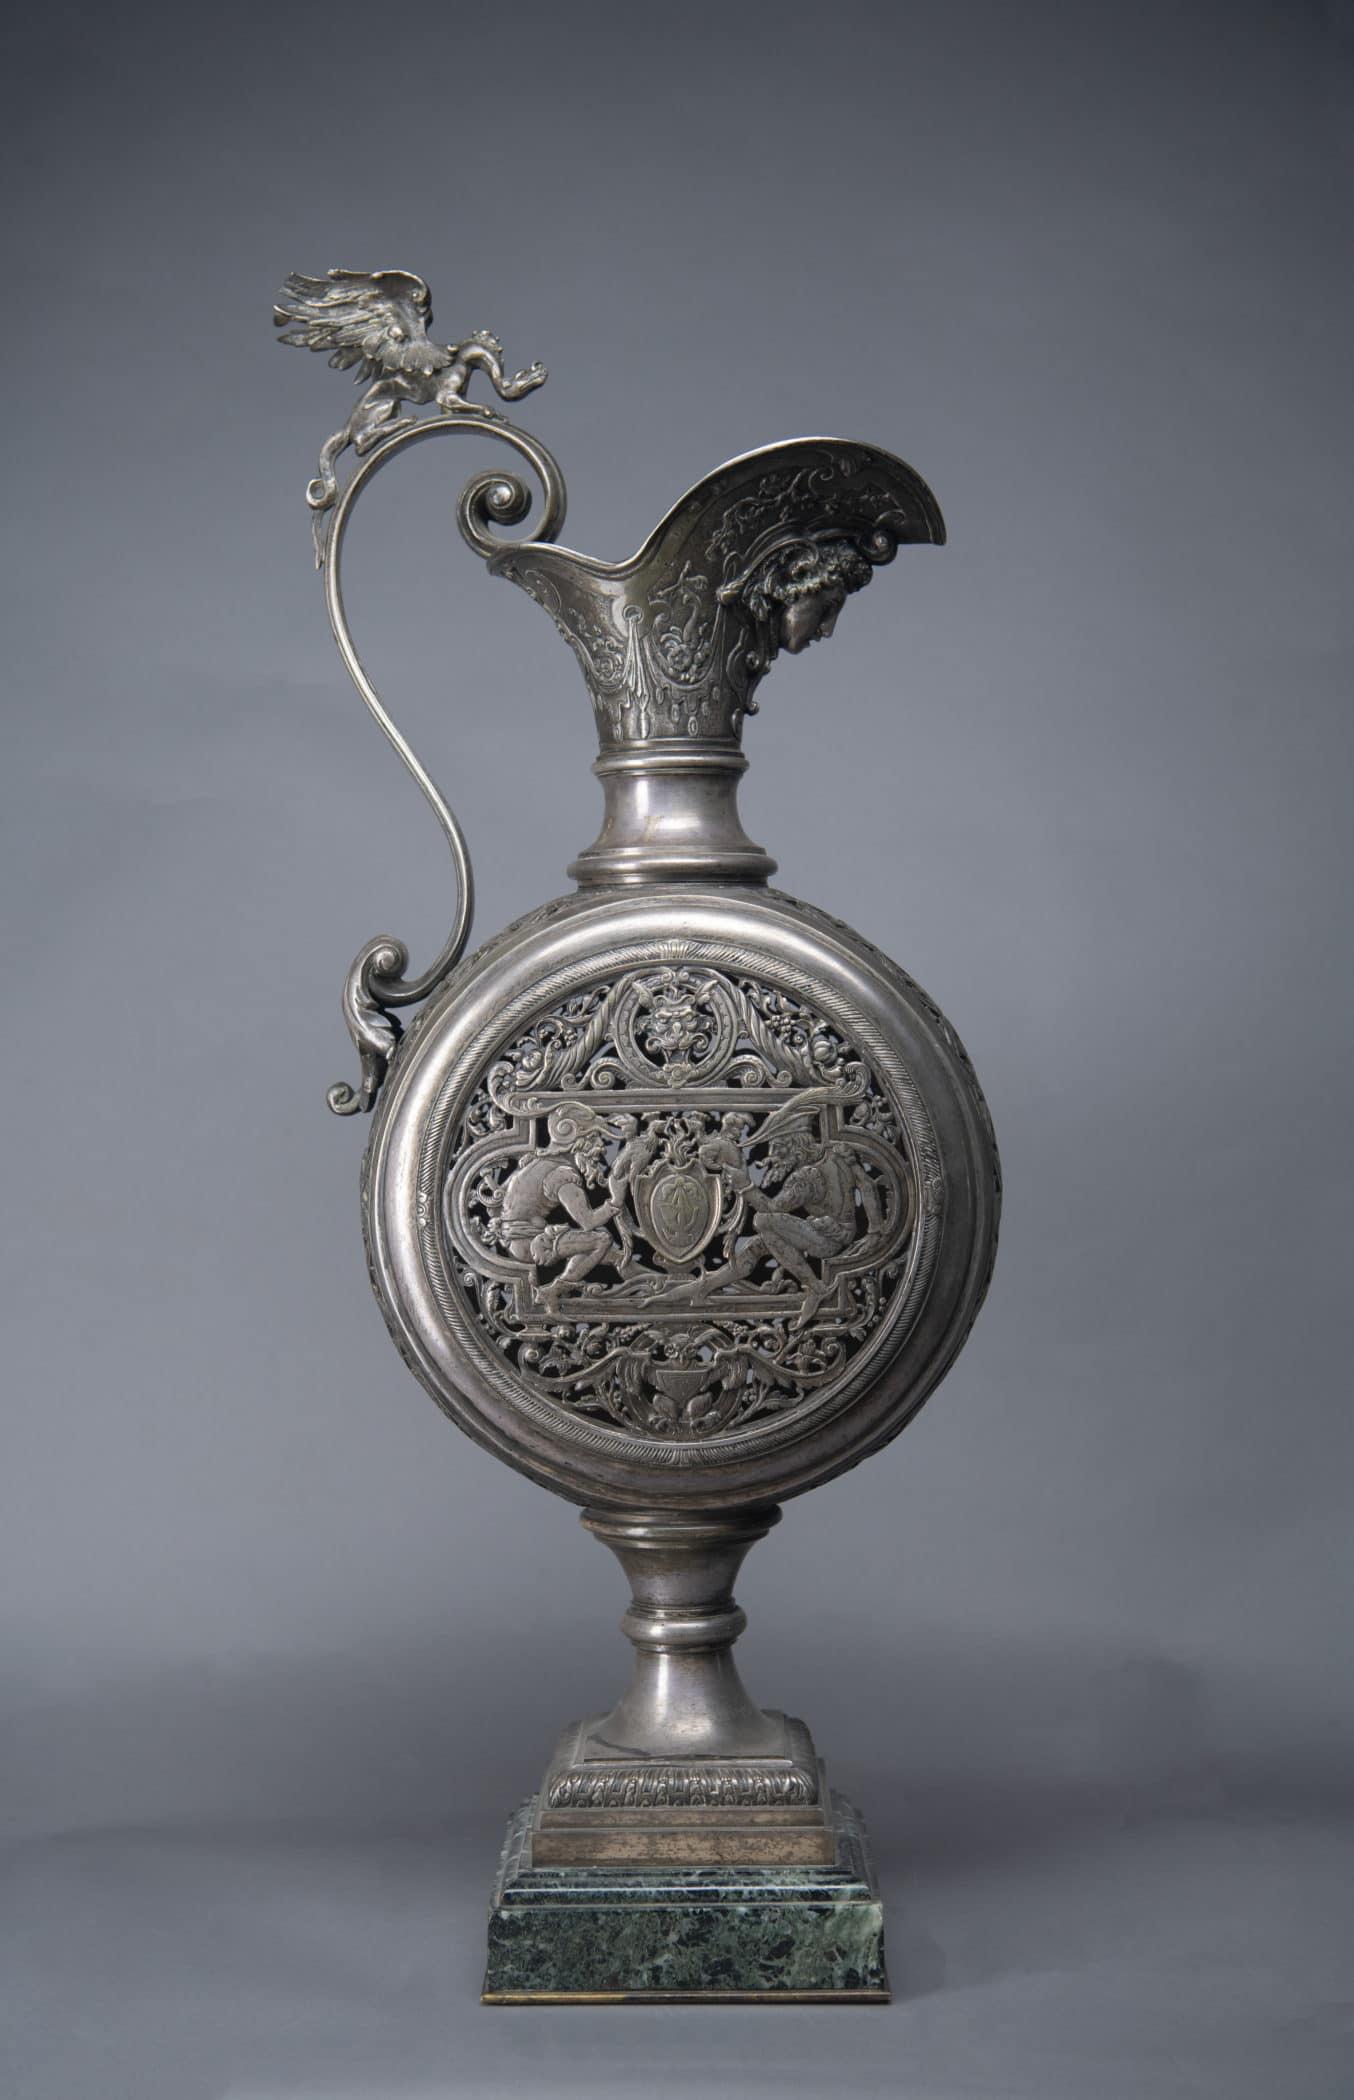 Grande aiguière en bronze, XIXe siècle